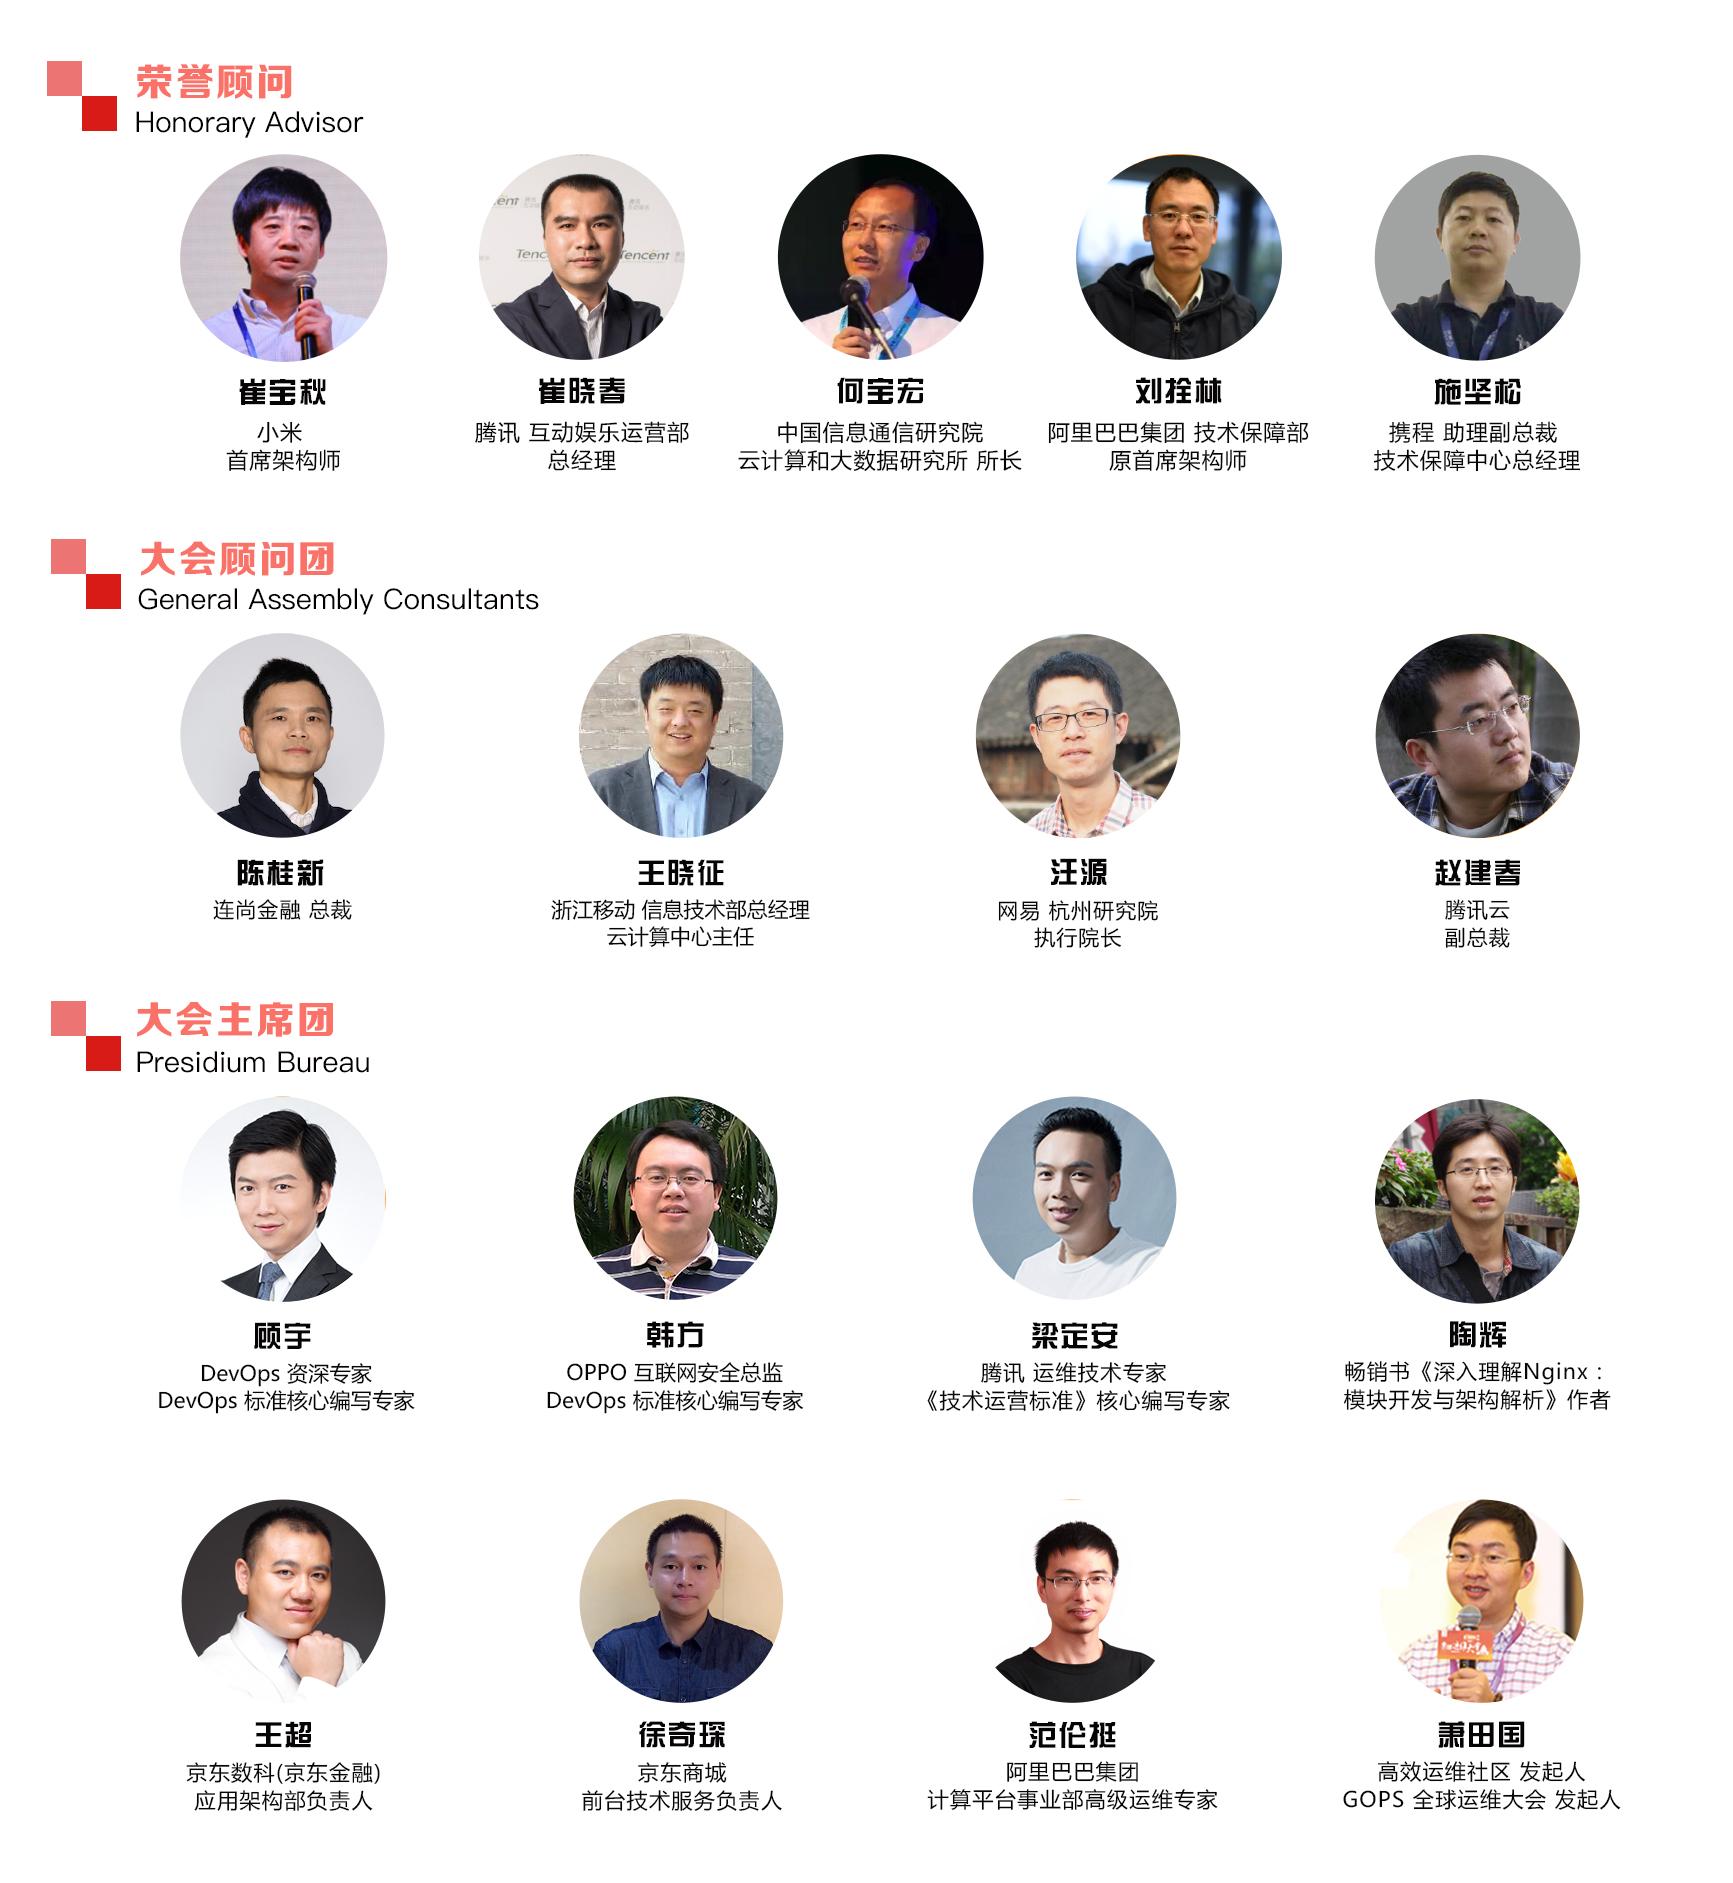 2021 GOPS全球运维大会(11月上海)